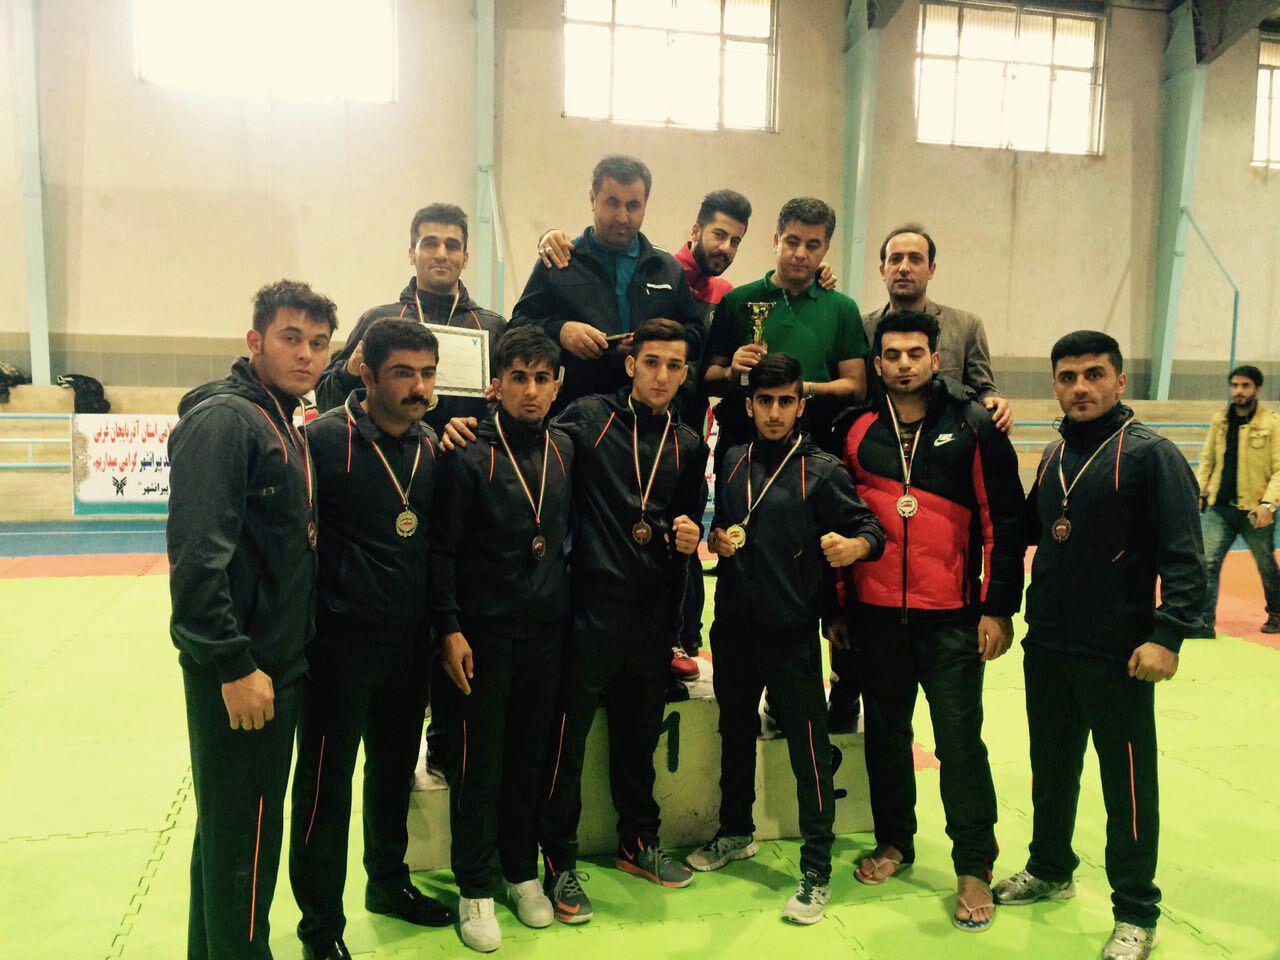 دانشگاه آزاد بوکان مقام دوم تیمی  مسابقات وشو قهرمانی دانشجویان در پیرانشهر را کسب کرد